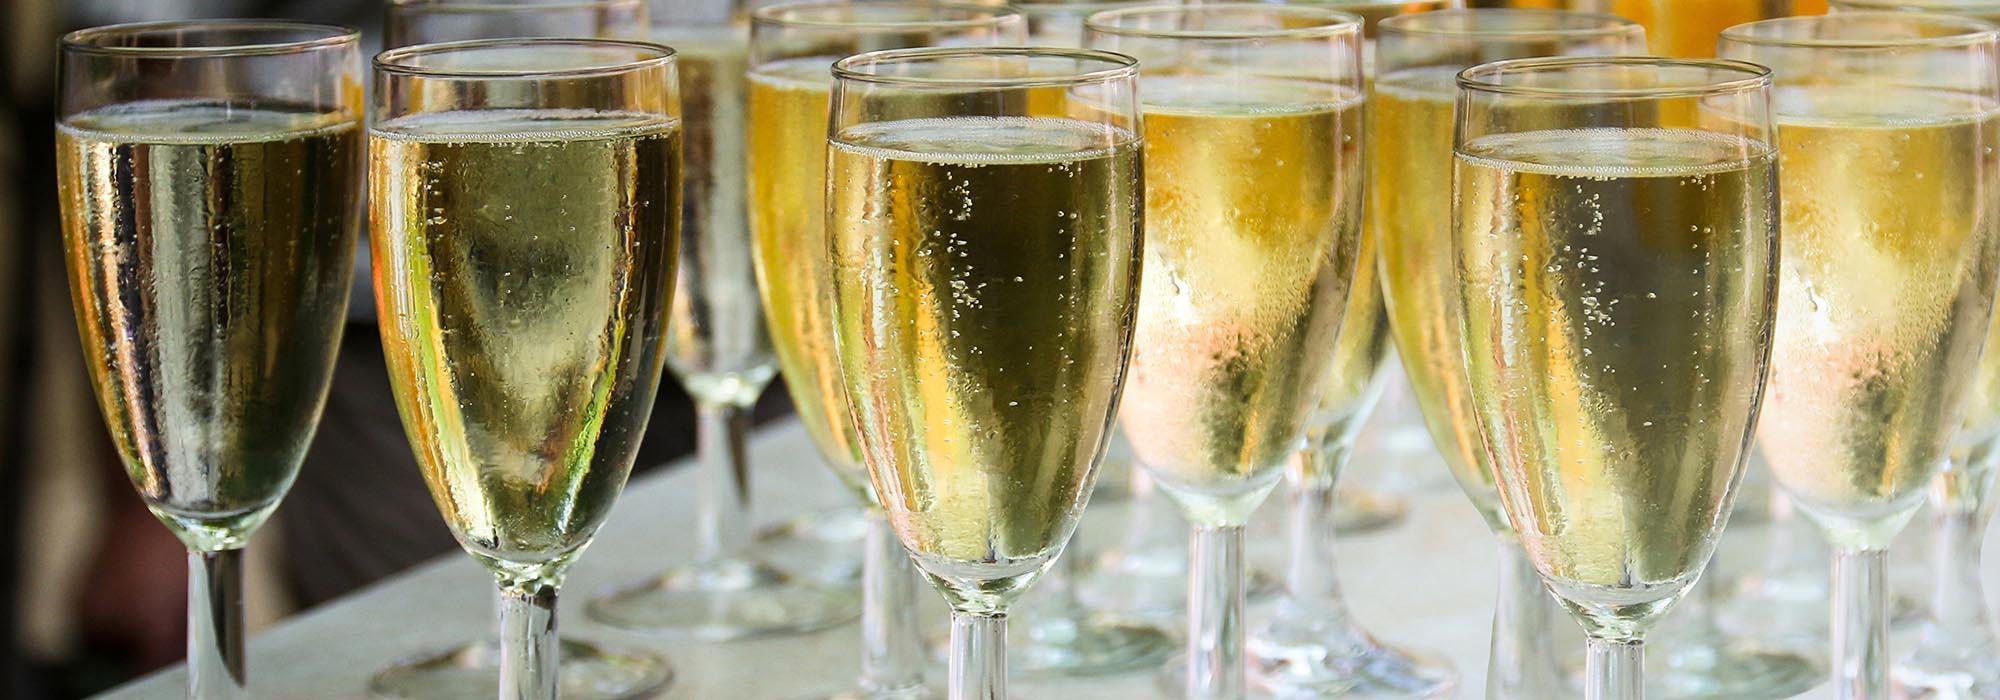 drink-3615178-pixabay